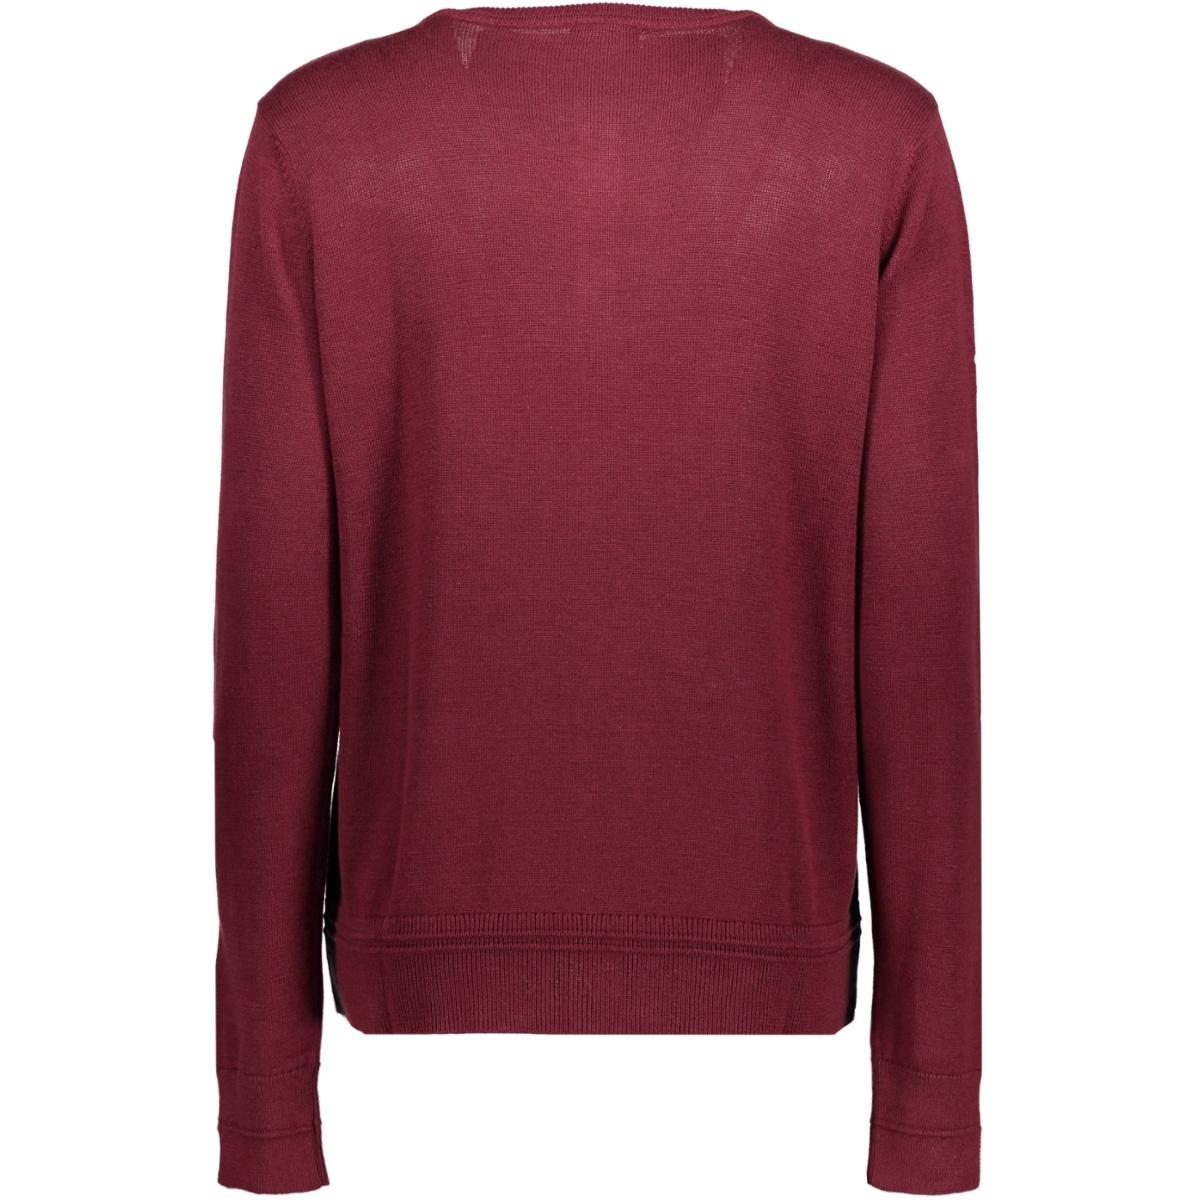 3023027.08.70 tom tailor vest 4268